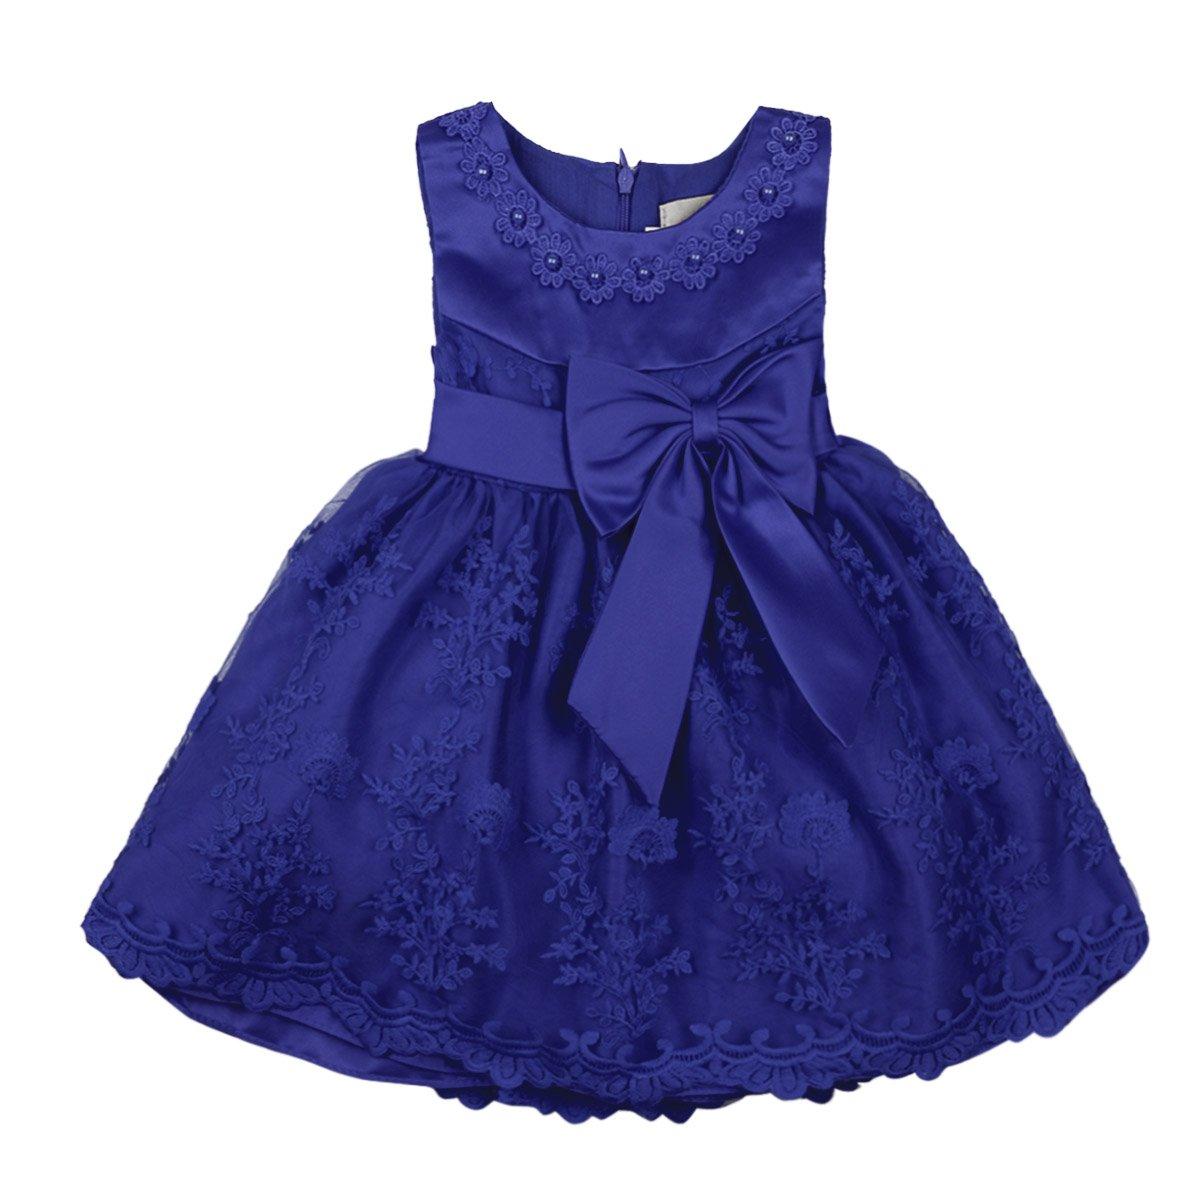 inlzdz B/éb/é Fille Robe de Princesse Robe de C/ér/émonie Bowknot Broderie Florale Robe Bapt/ême D/éguisement Costume Robe Mariage Soir/ée F/ête Anniversaire Enfant B/éb/é 6-24 Mois